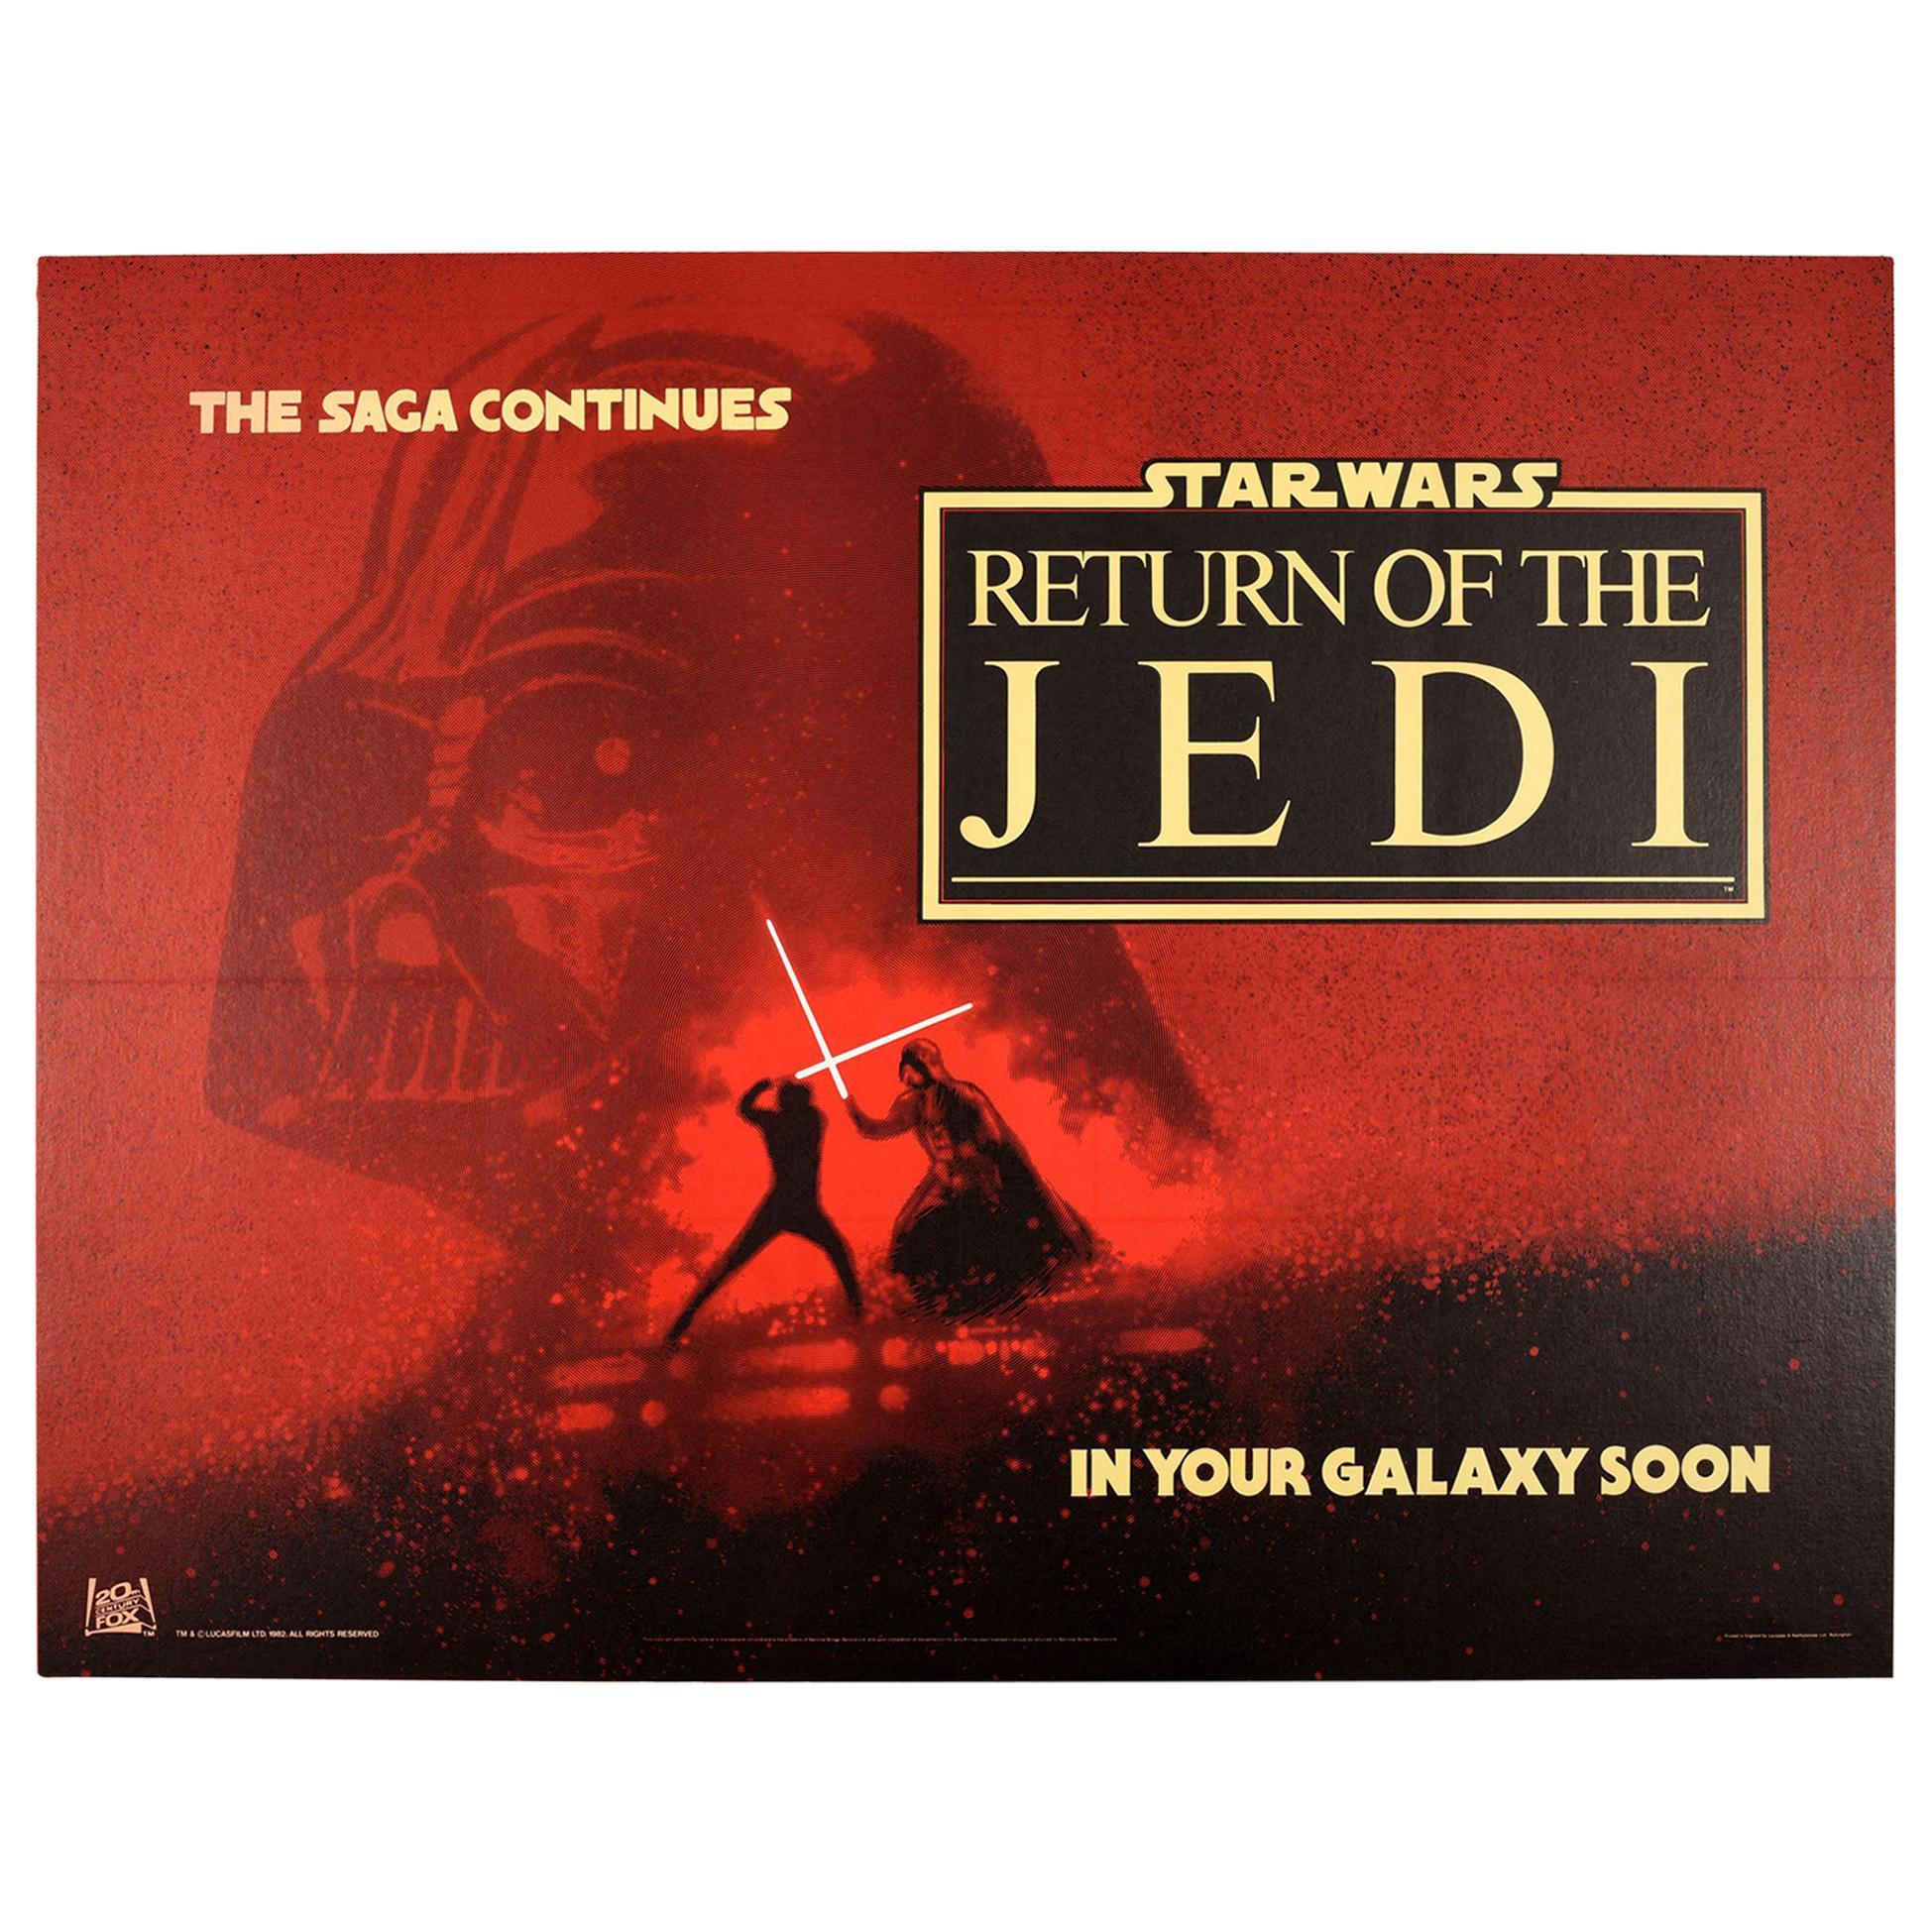 Original Vintage Film Poster Star Wars Return Of The Jedi Darth Vader Skywalker